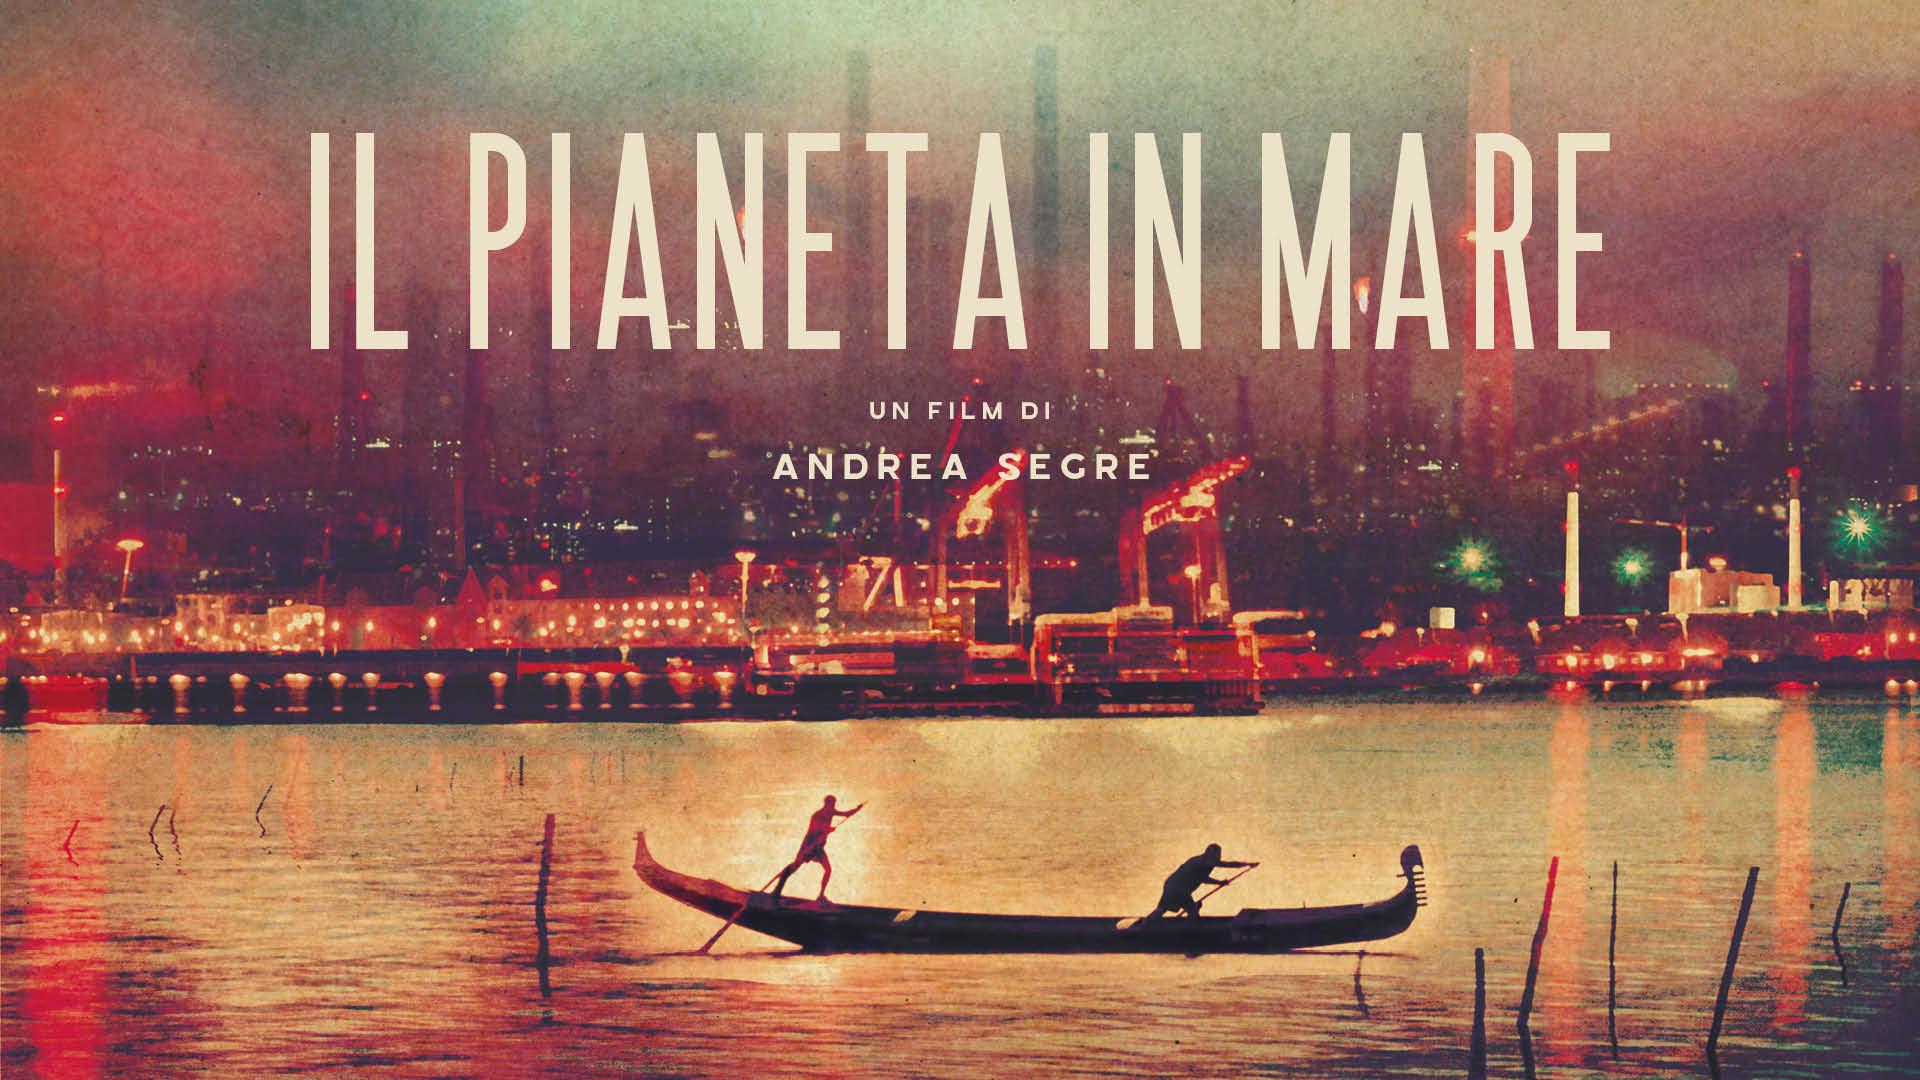 CINEMA Il pianeta in mare